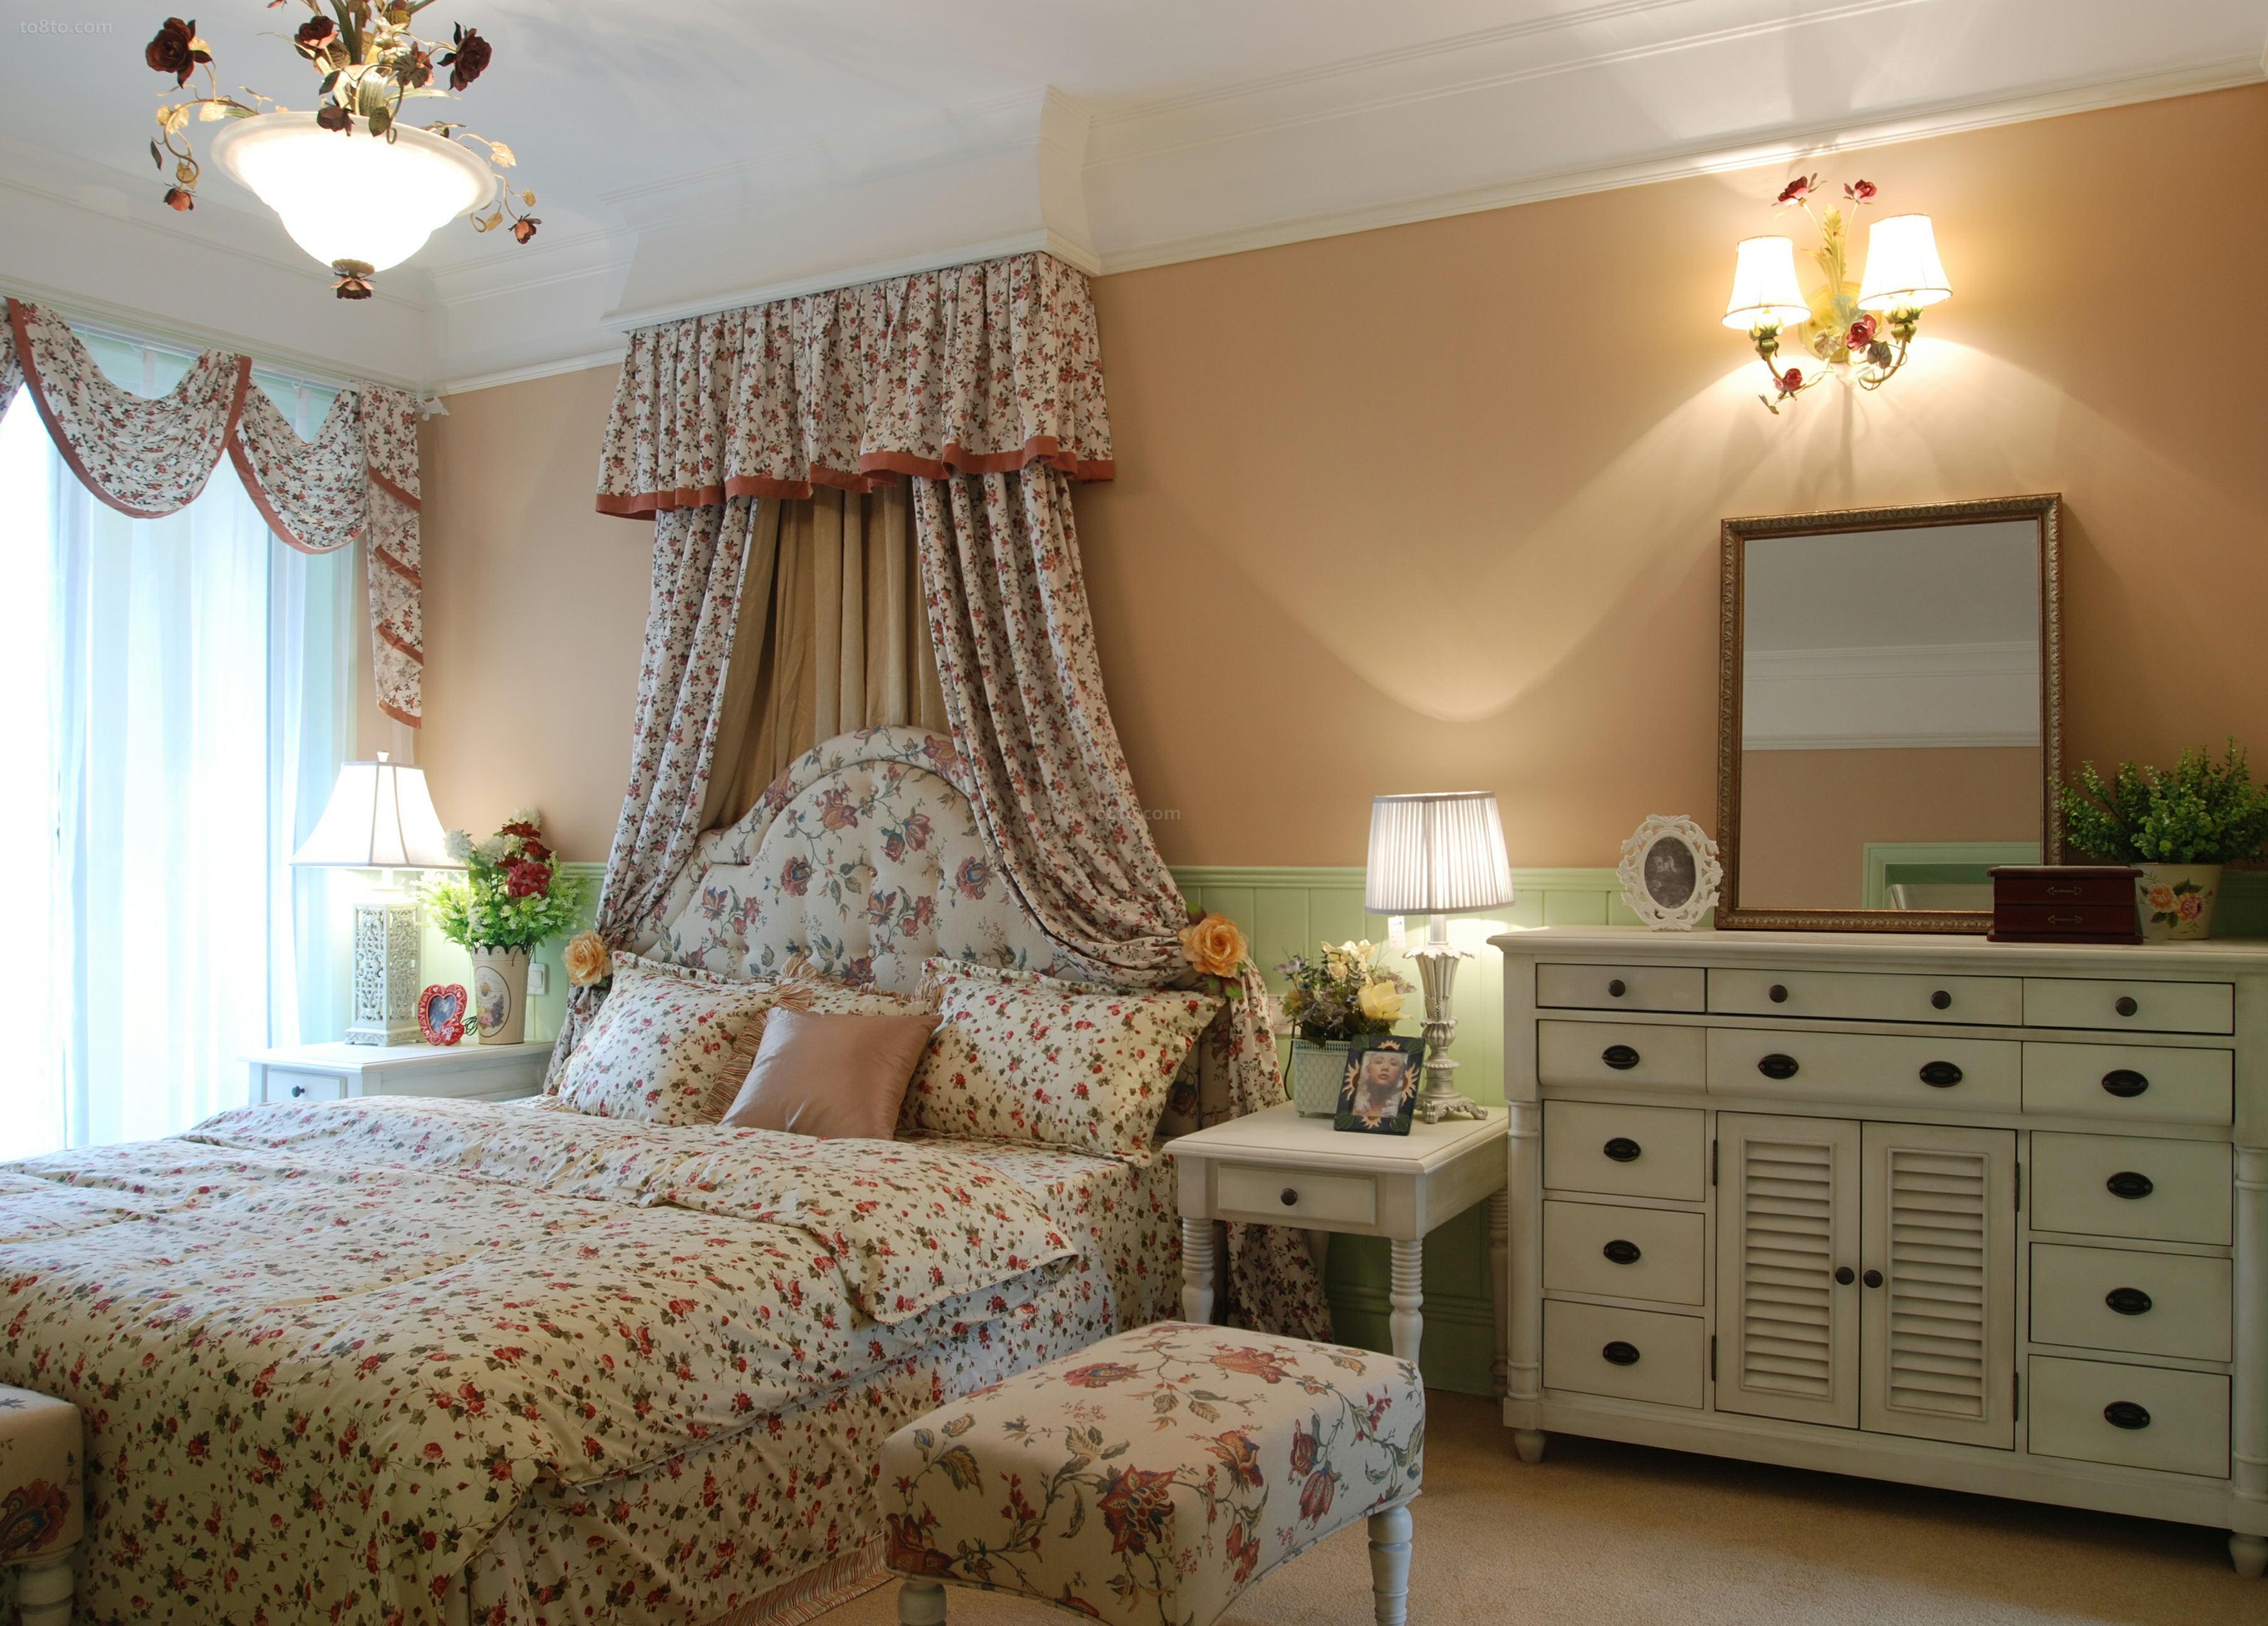 欧式田园风格主卧室床头柜效果图